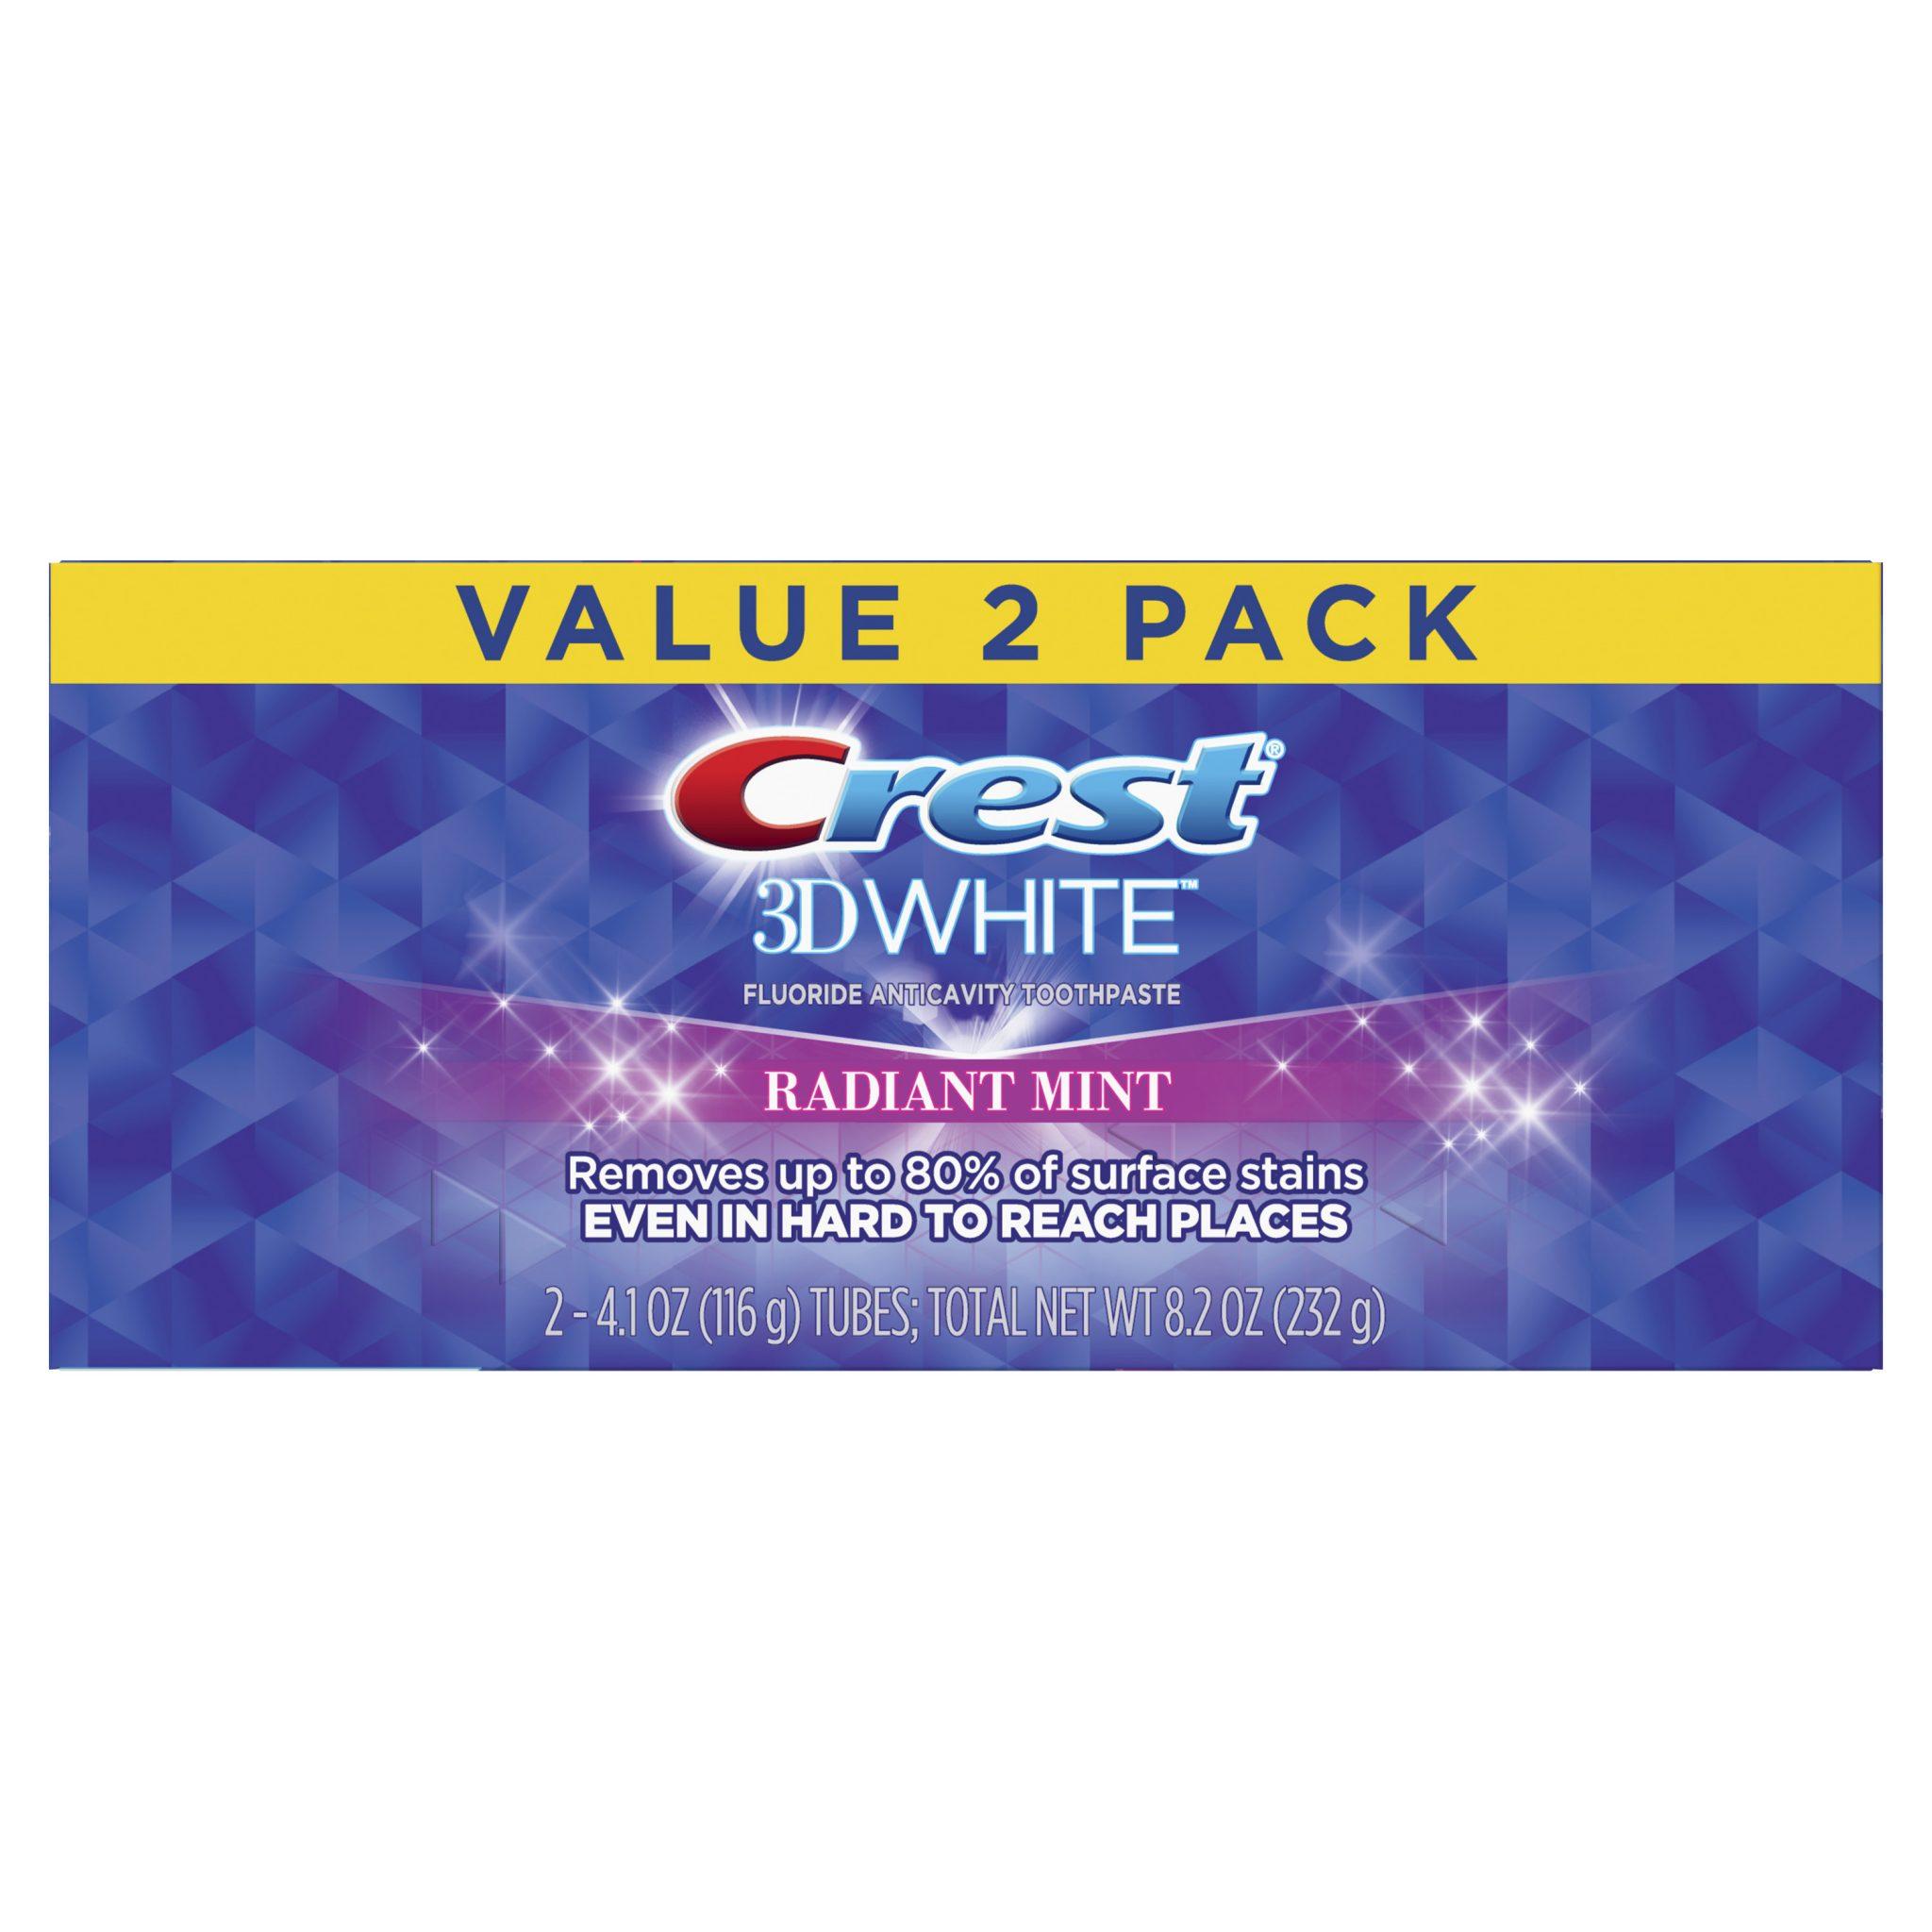 DVOJBALENÍ Crest 3D White Radiant Mint